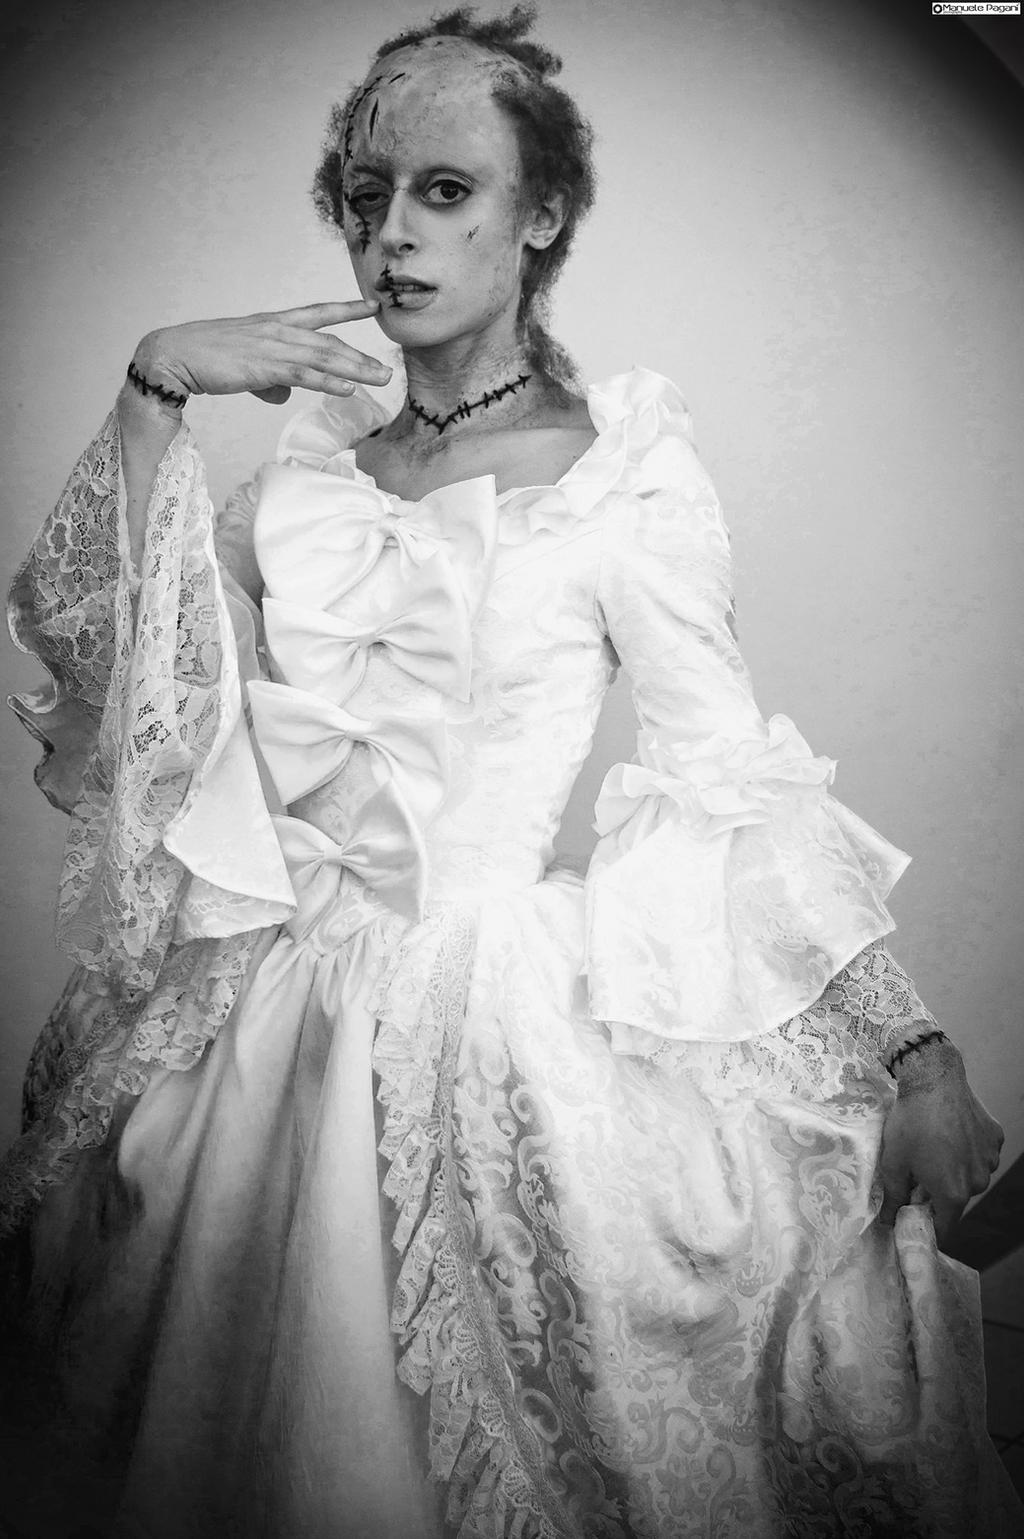 Elizabeth lavenza in frankenstein